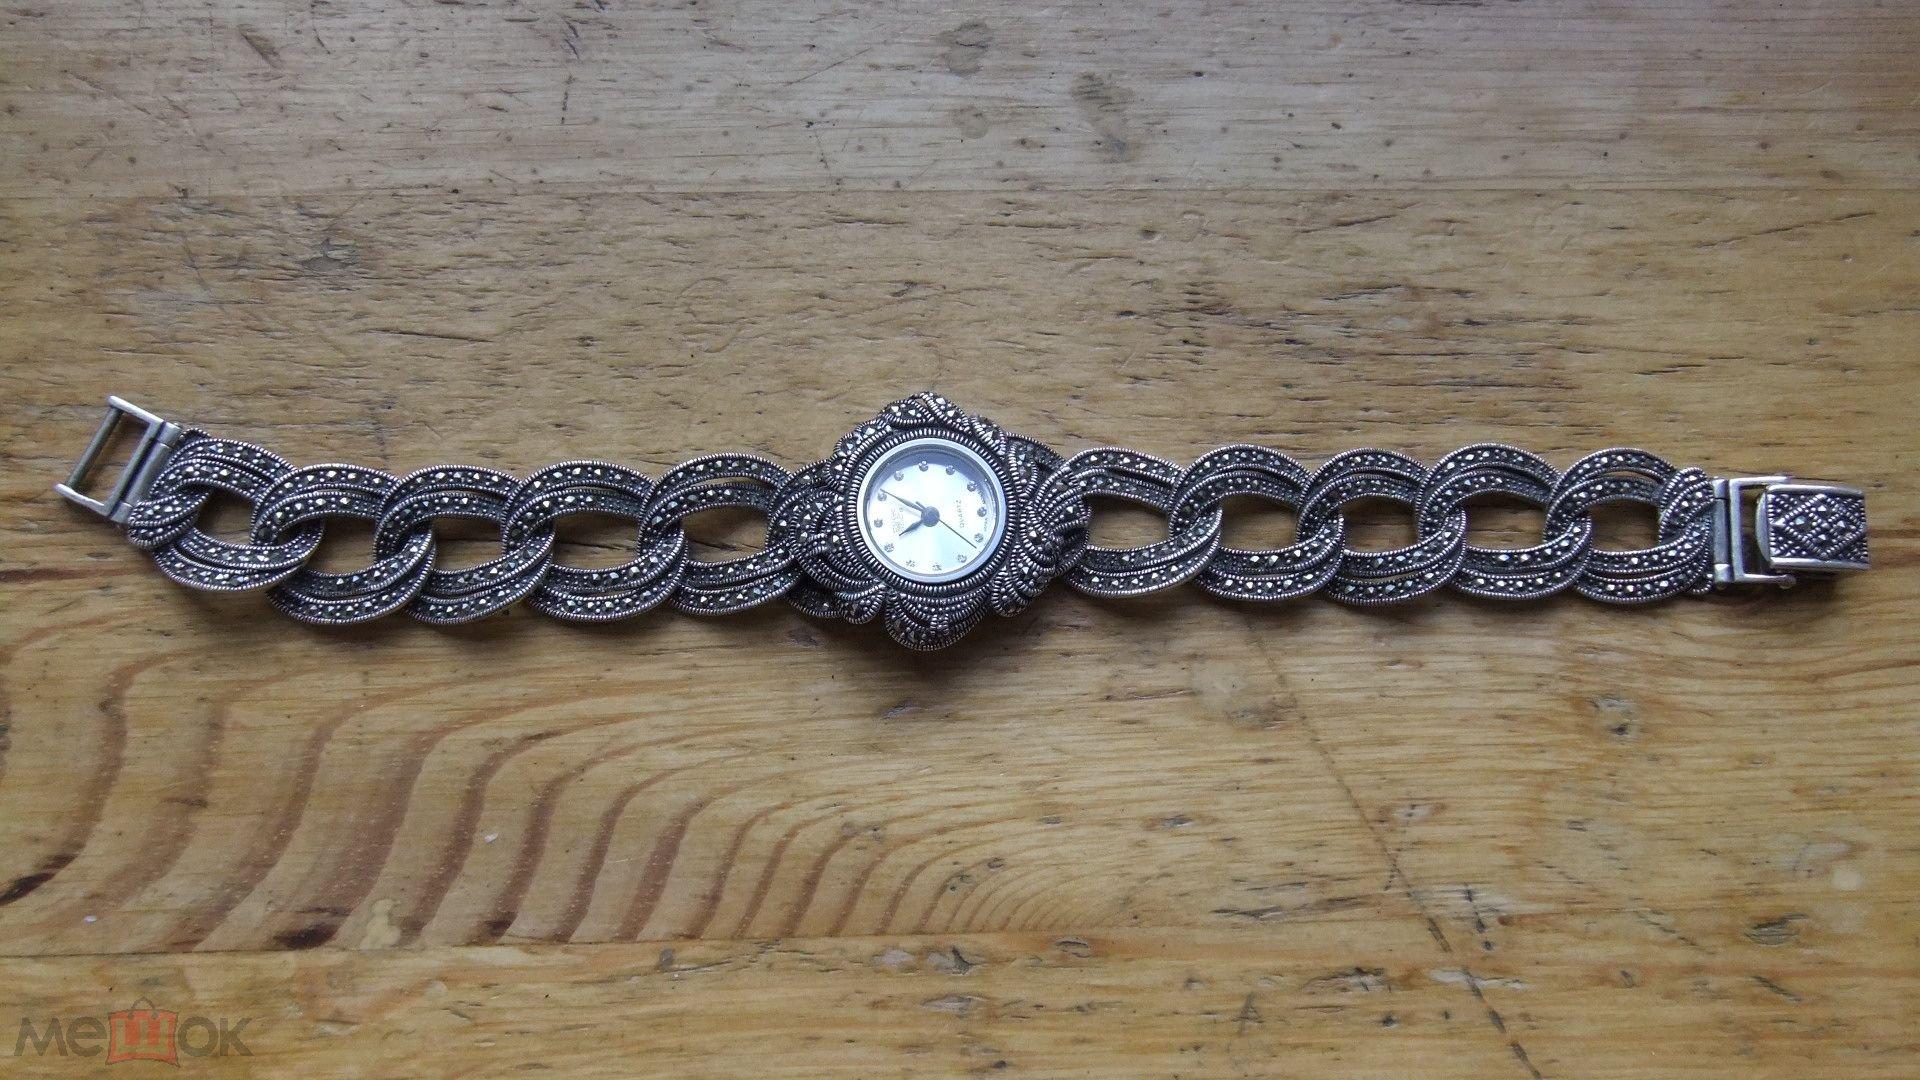 81e890fa Серебряные часы HF. Japan MOVT Quartz Марказит Серебро 925 проба ...